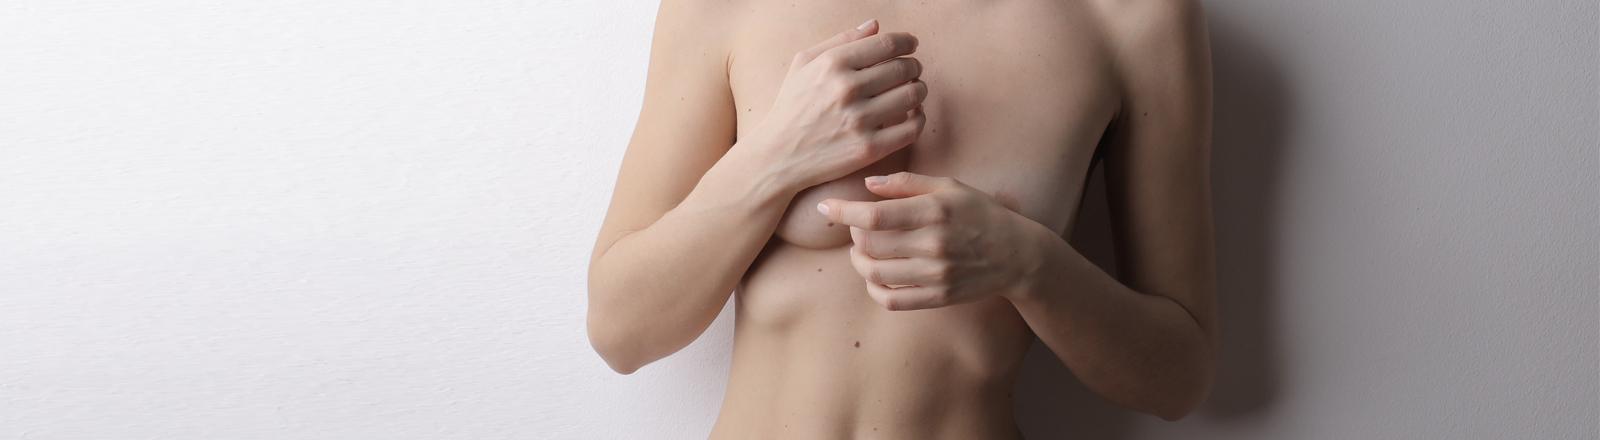 Eine Frau verbirgt mit den Händen ihre Brüste.